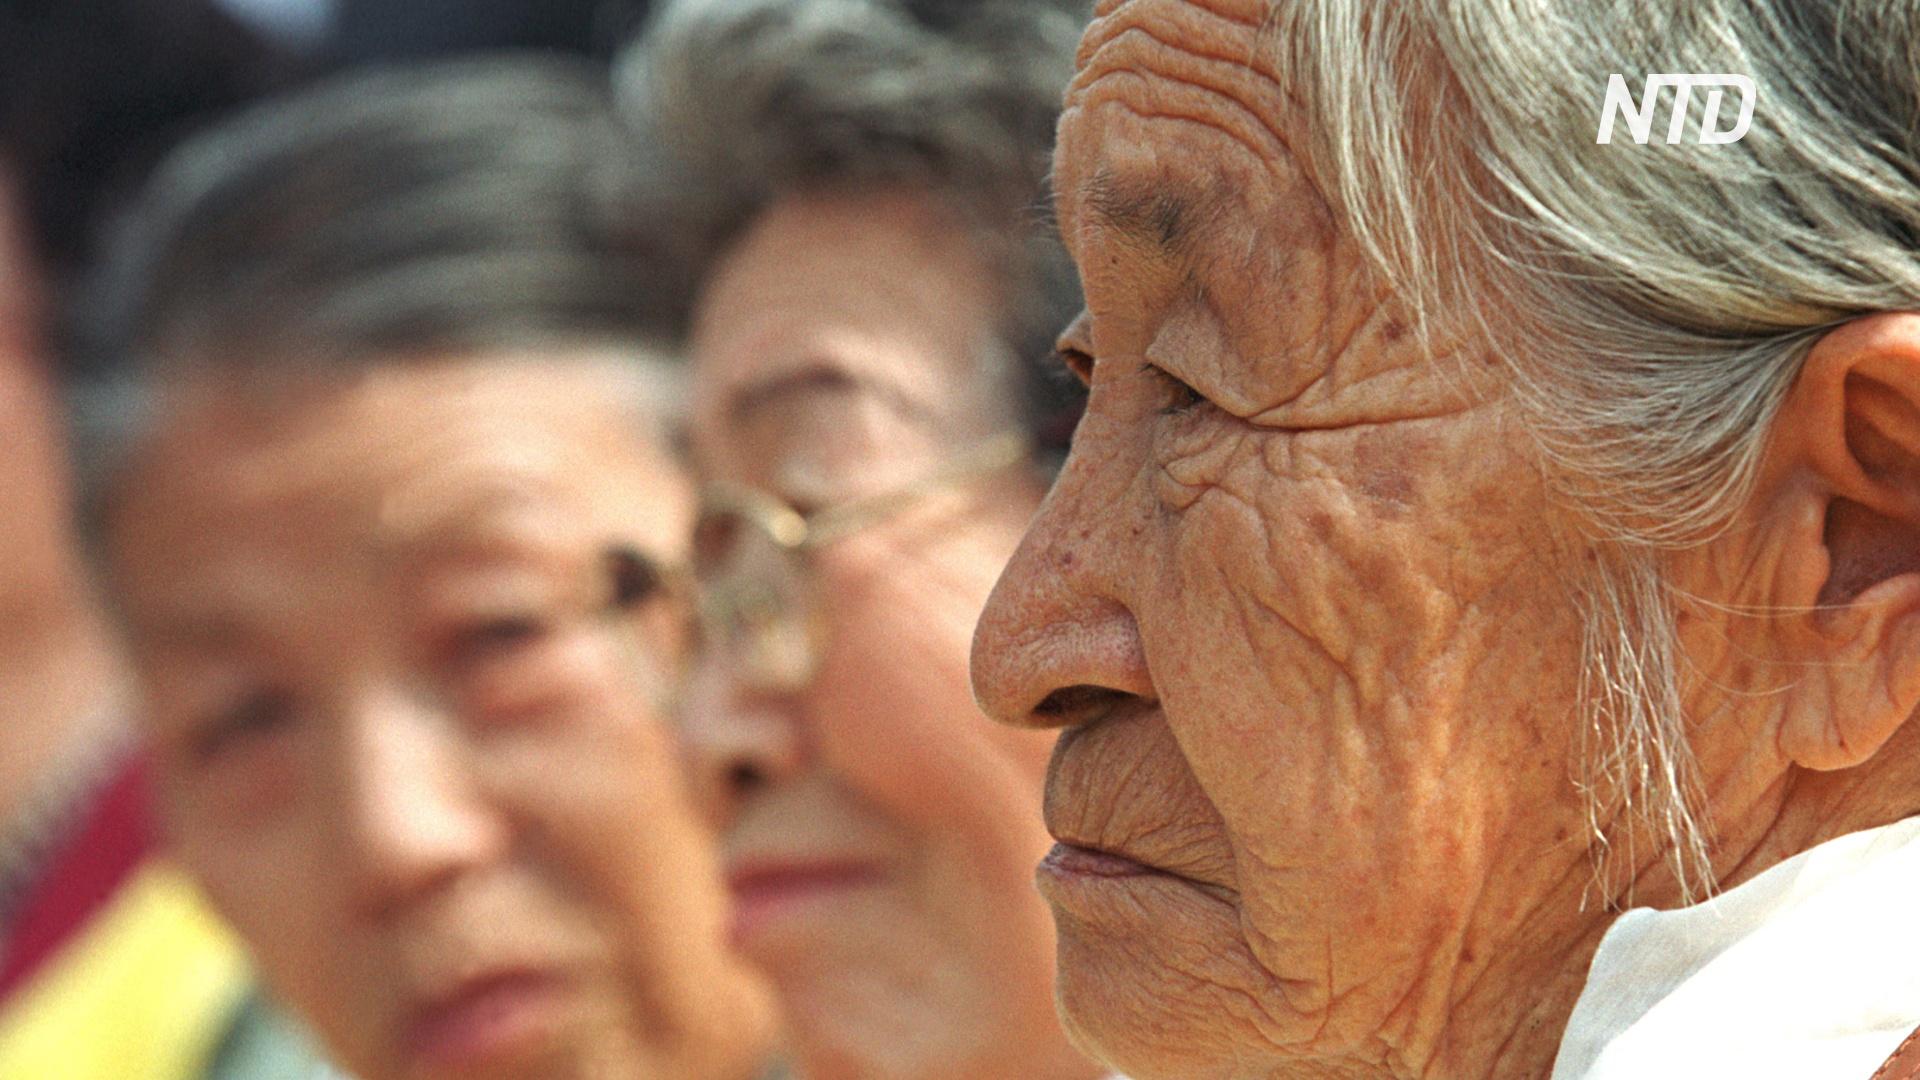 Меньше детей, больше стариков: Южной Корее грозит демографический кризис